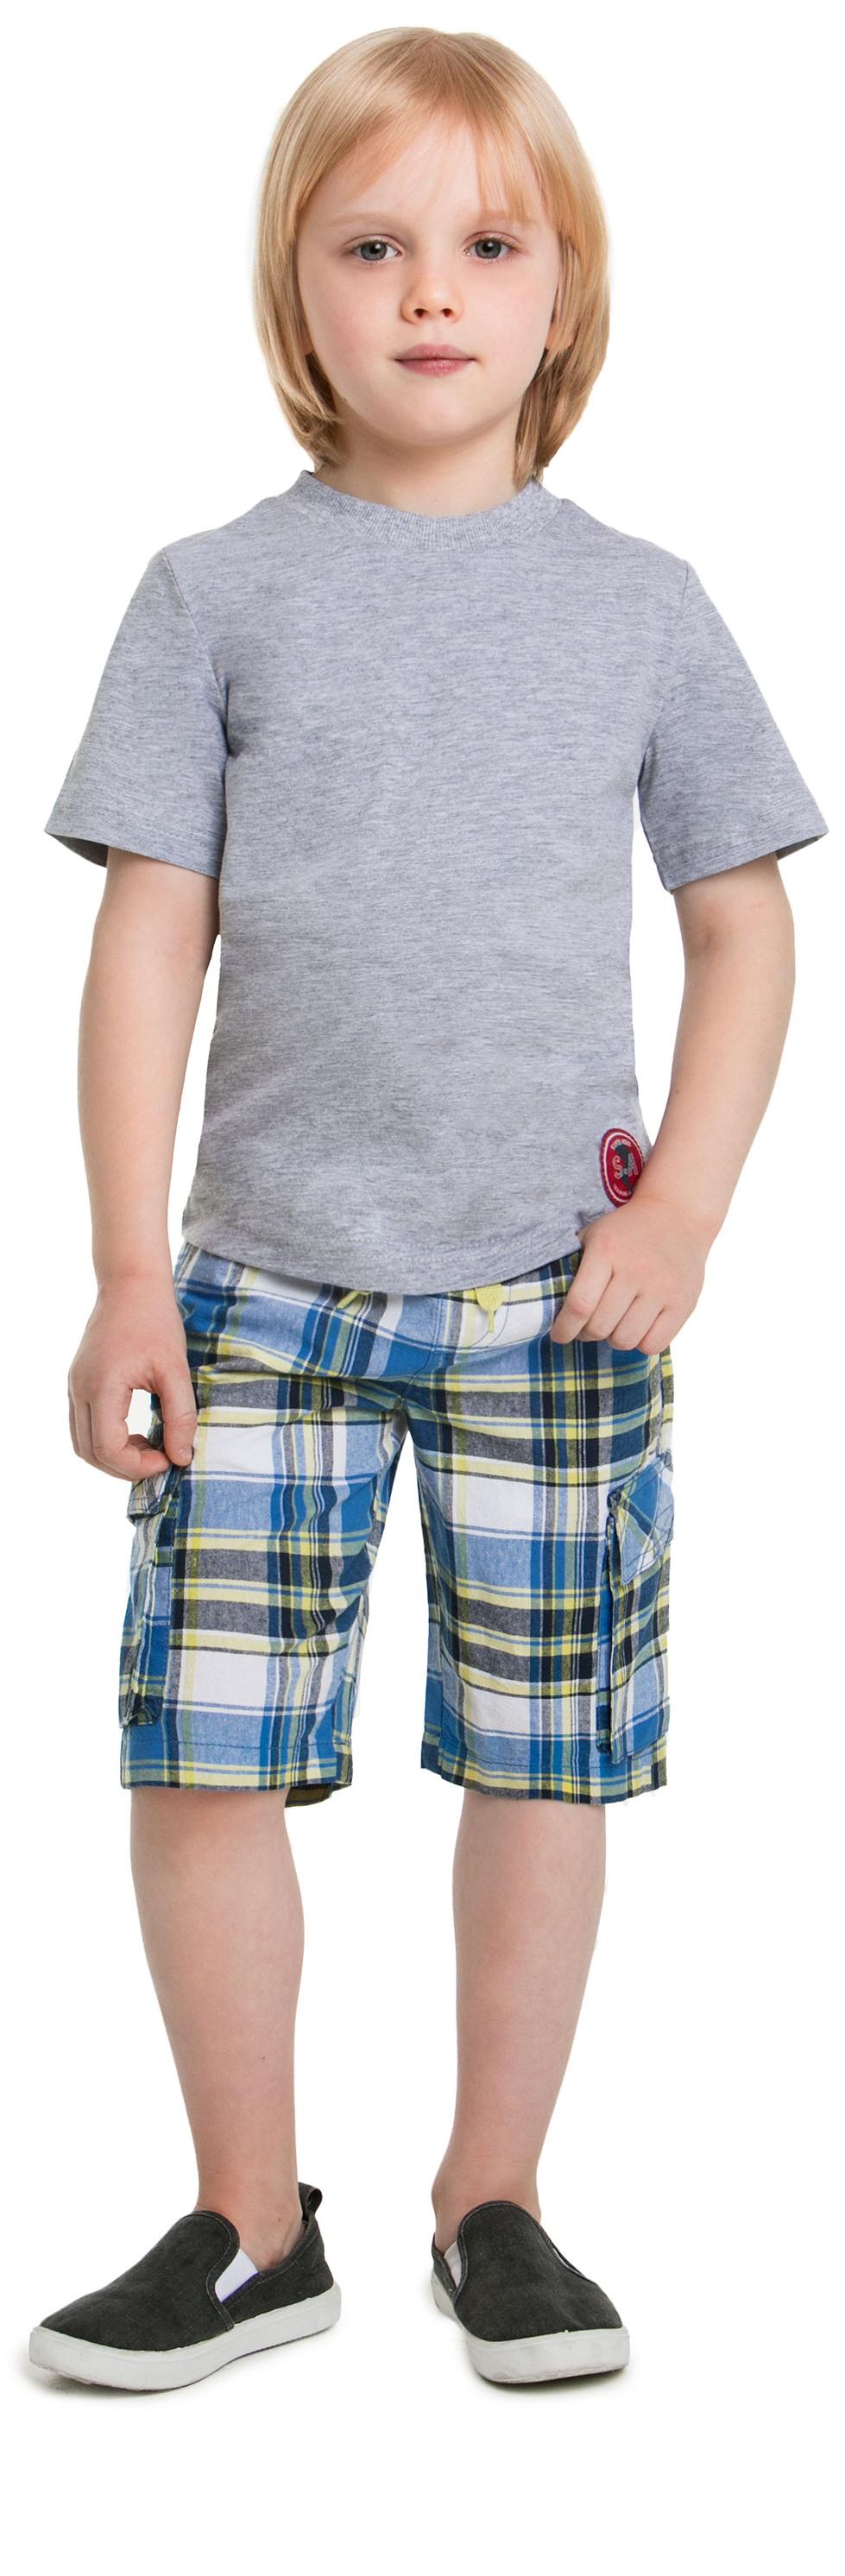 """Купить со скидкой Футболка с коротким рукавом для мальчика Barkito """"Супергерой"""", серая"""